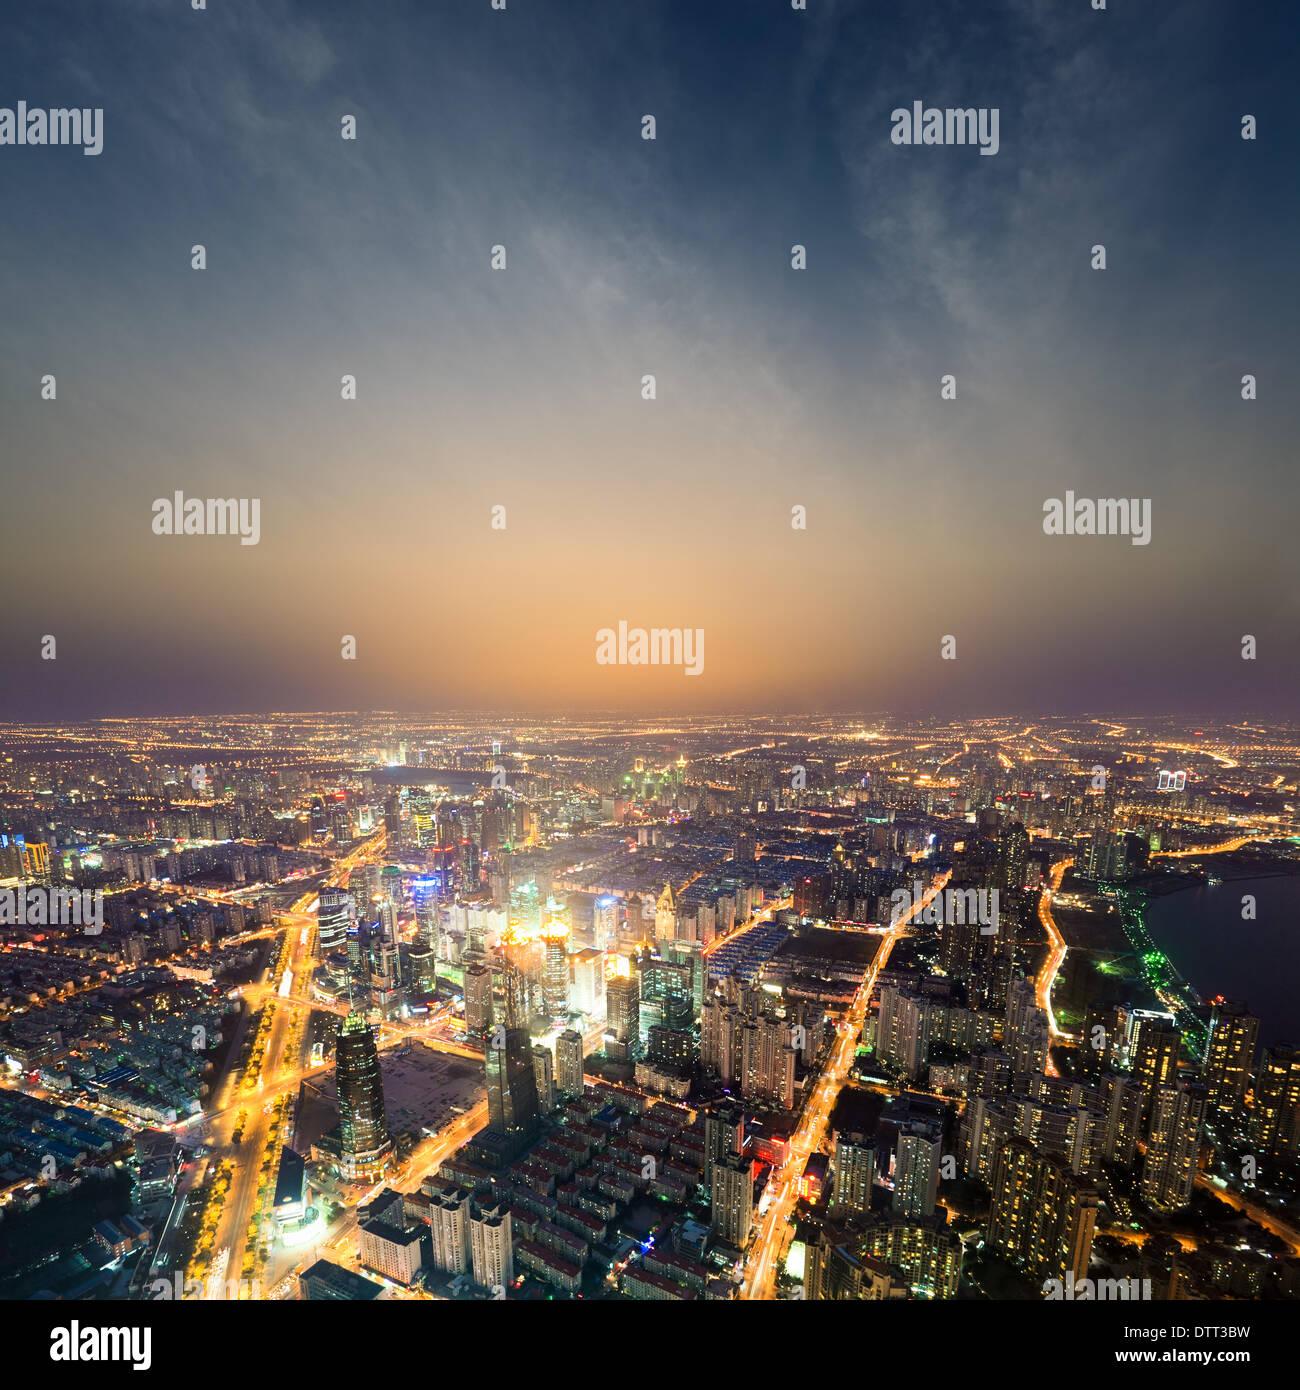 Metrópoli de shanghai en la noche Imagen De Stock